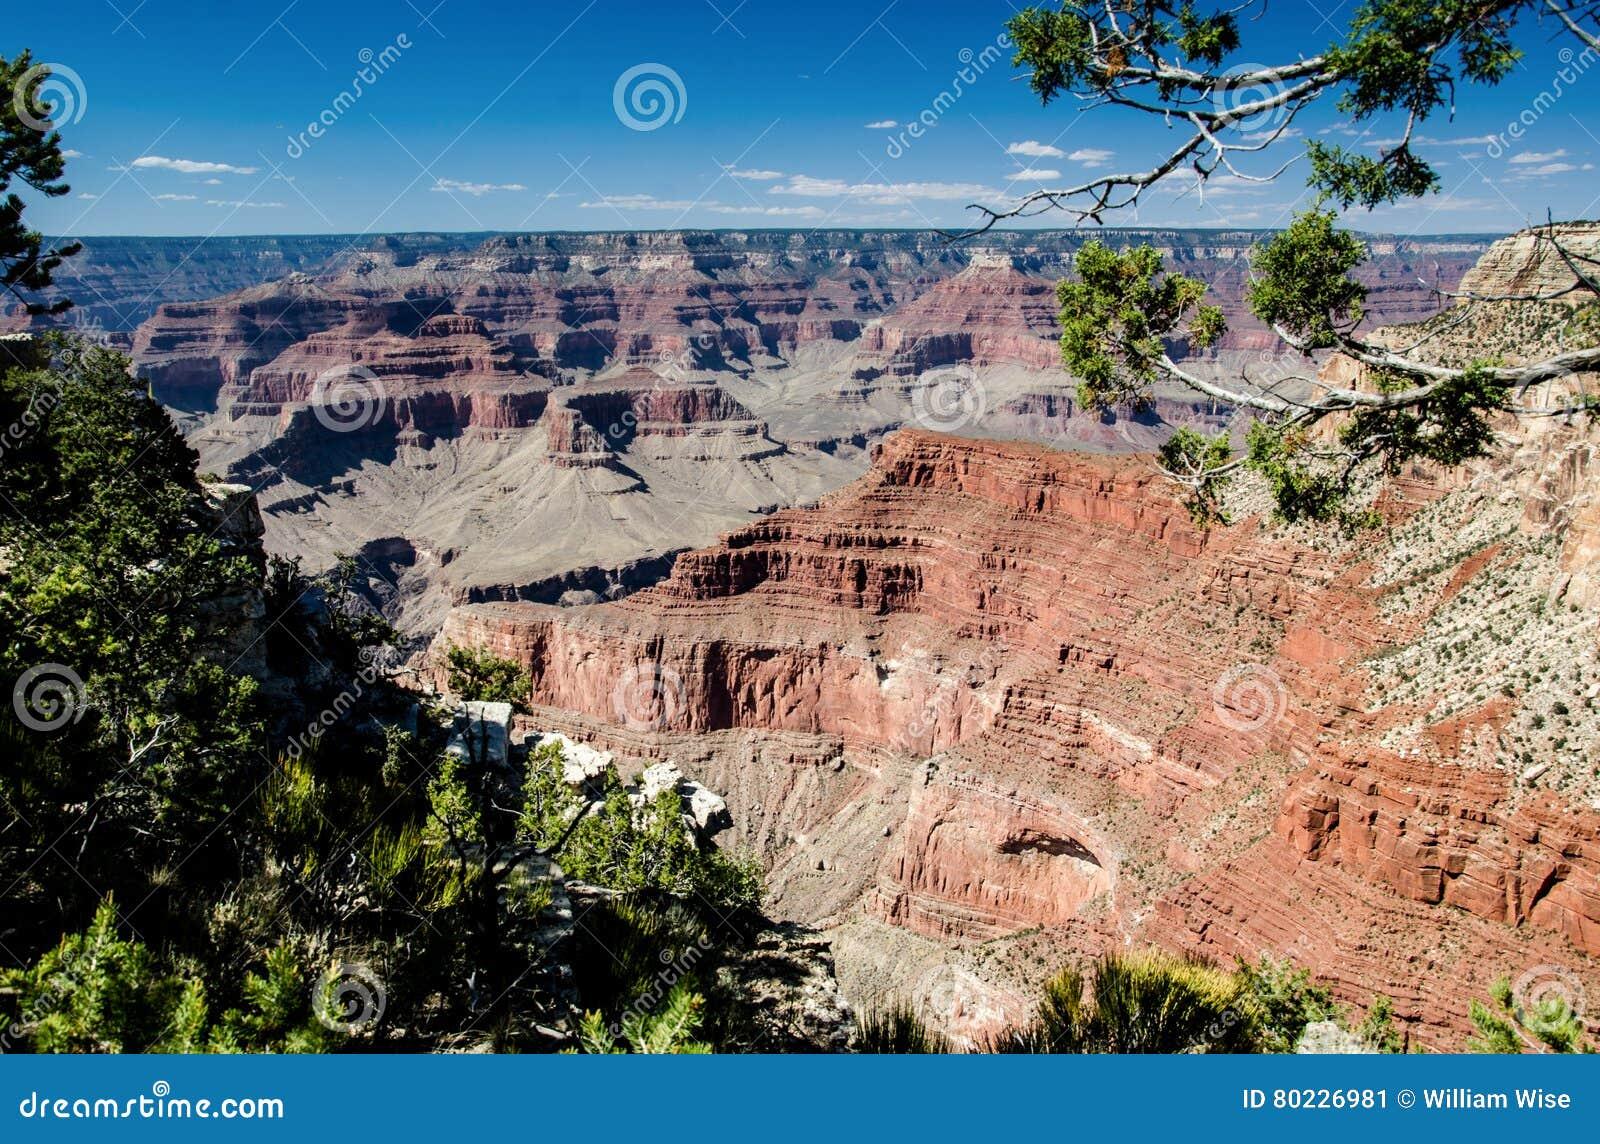 Άποψη στην άβυσσο, μεγάλο εθνικό πάρκο φαραγγιών